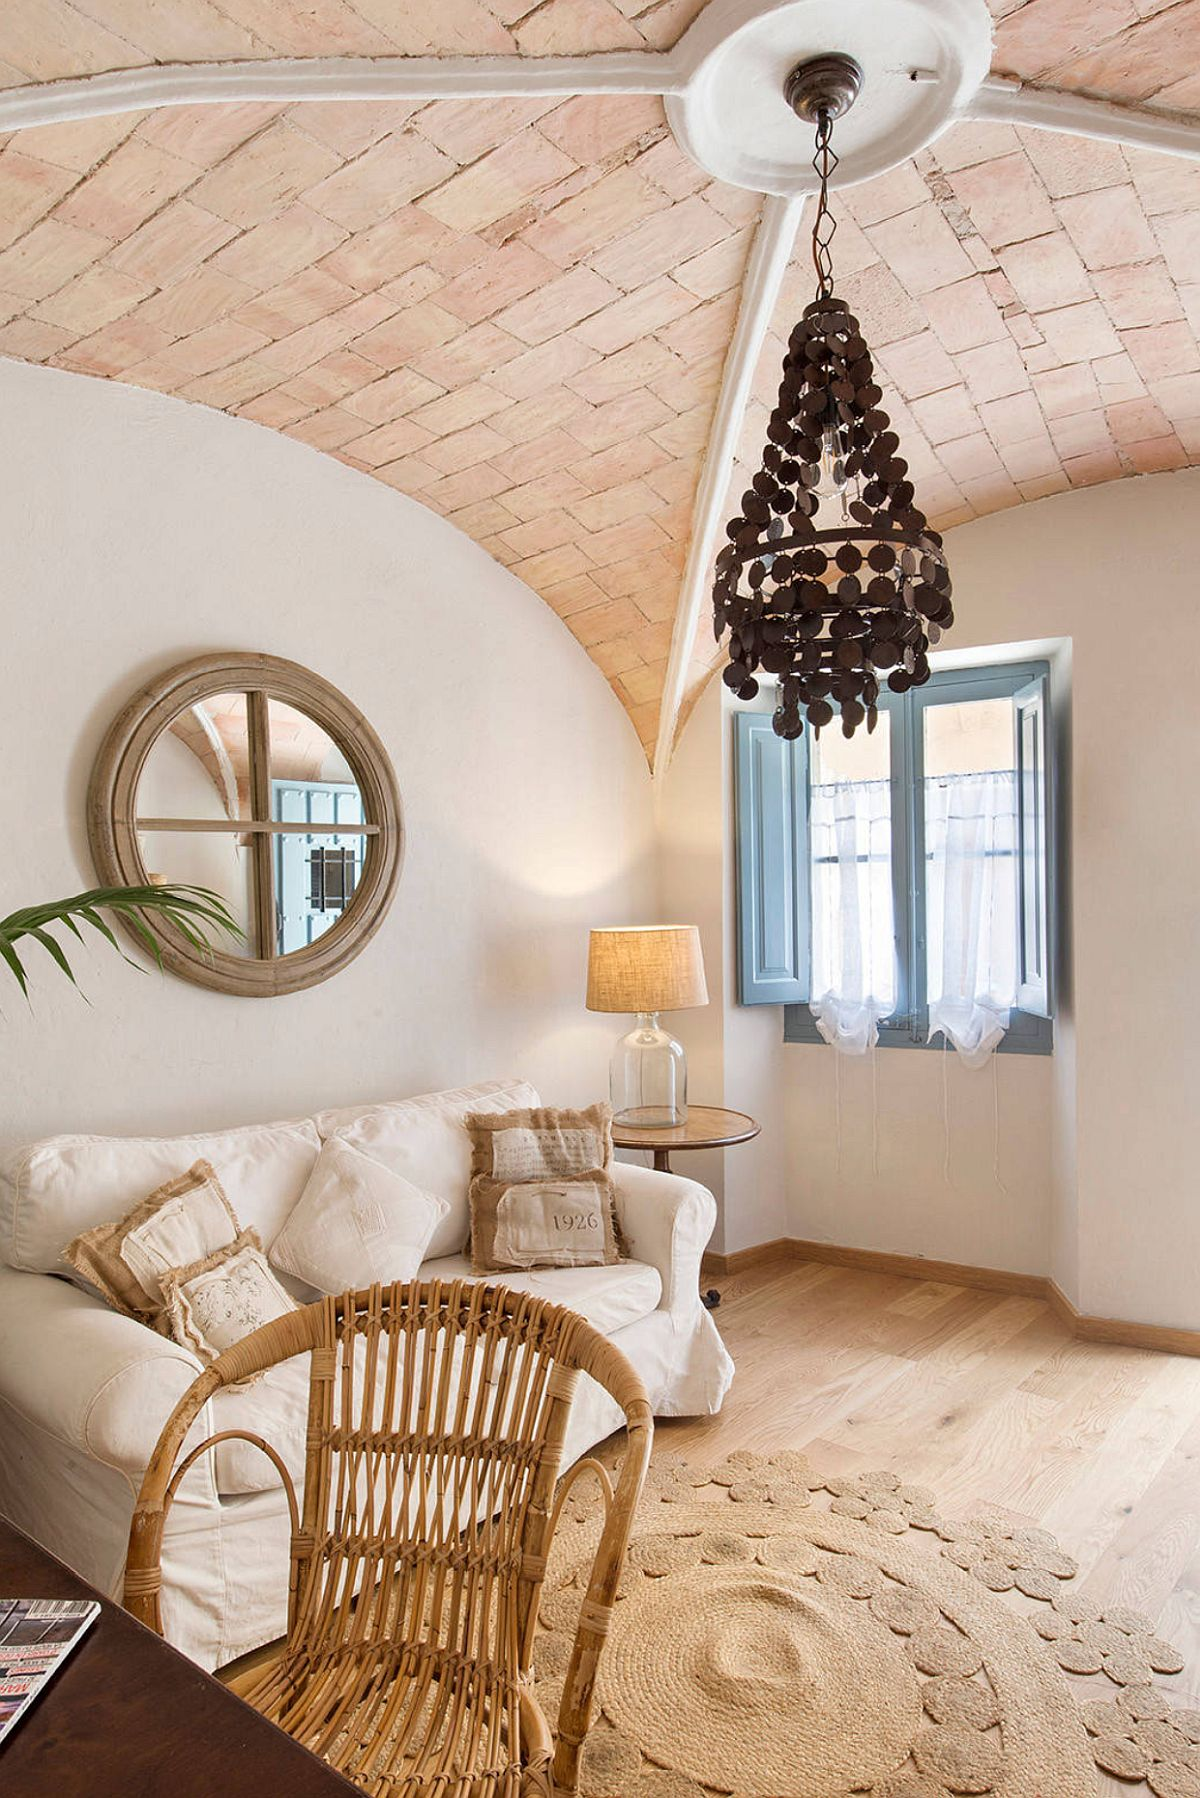 adelaparvu.com despre casa lunga si ingusta cu terasa, stil marin, design Nice Home Barcelona, Foto Jordi Canosa (12)